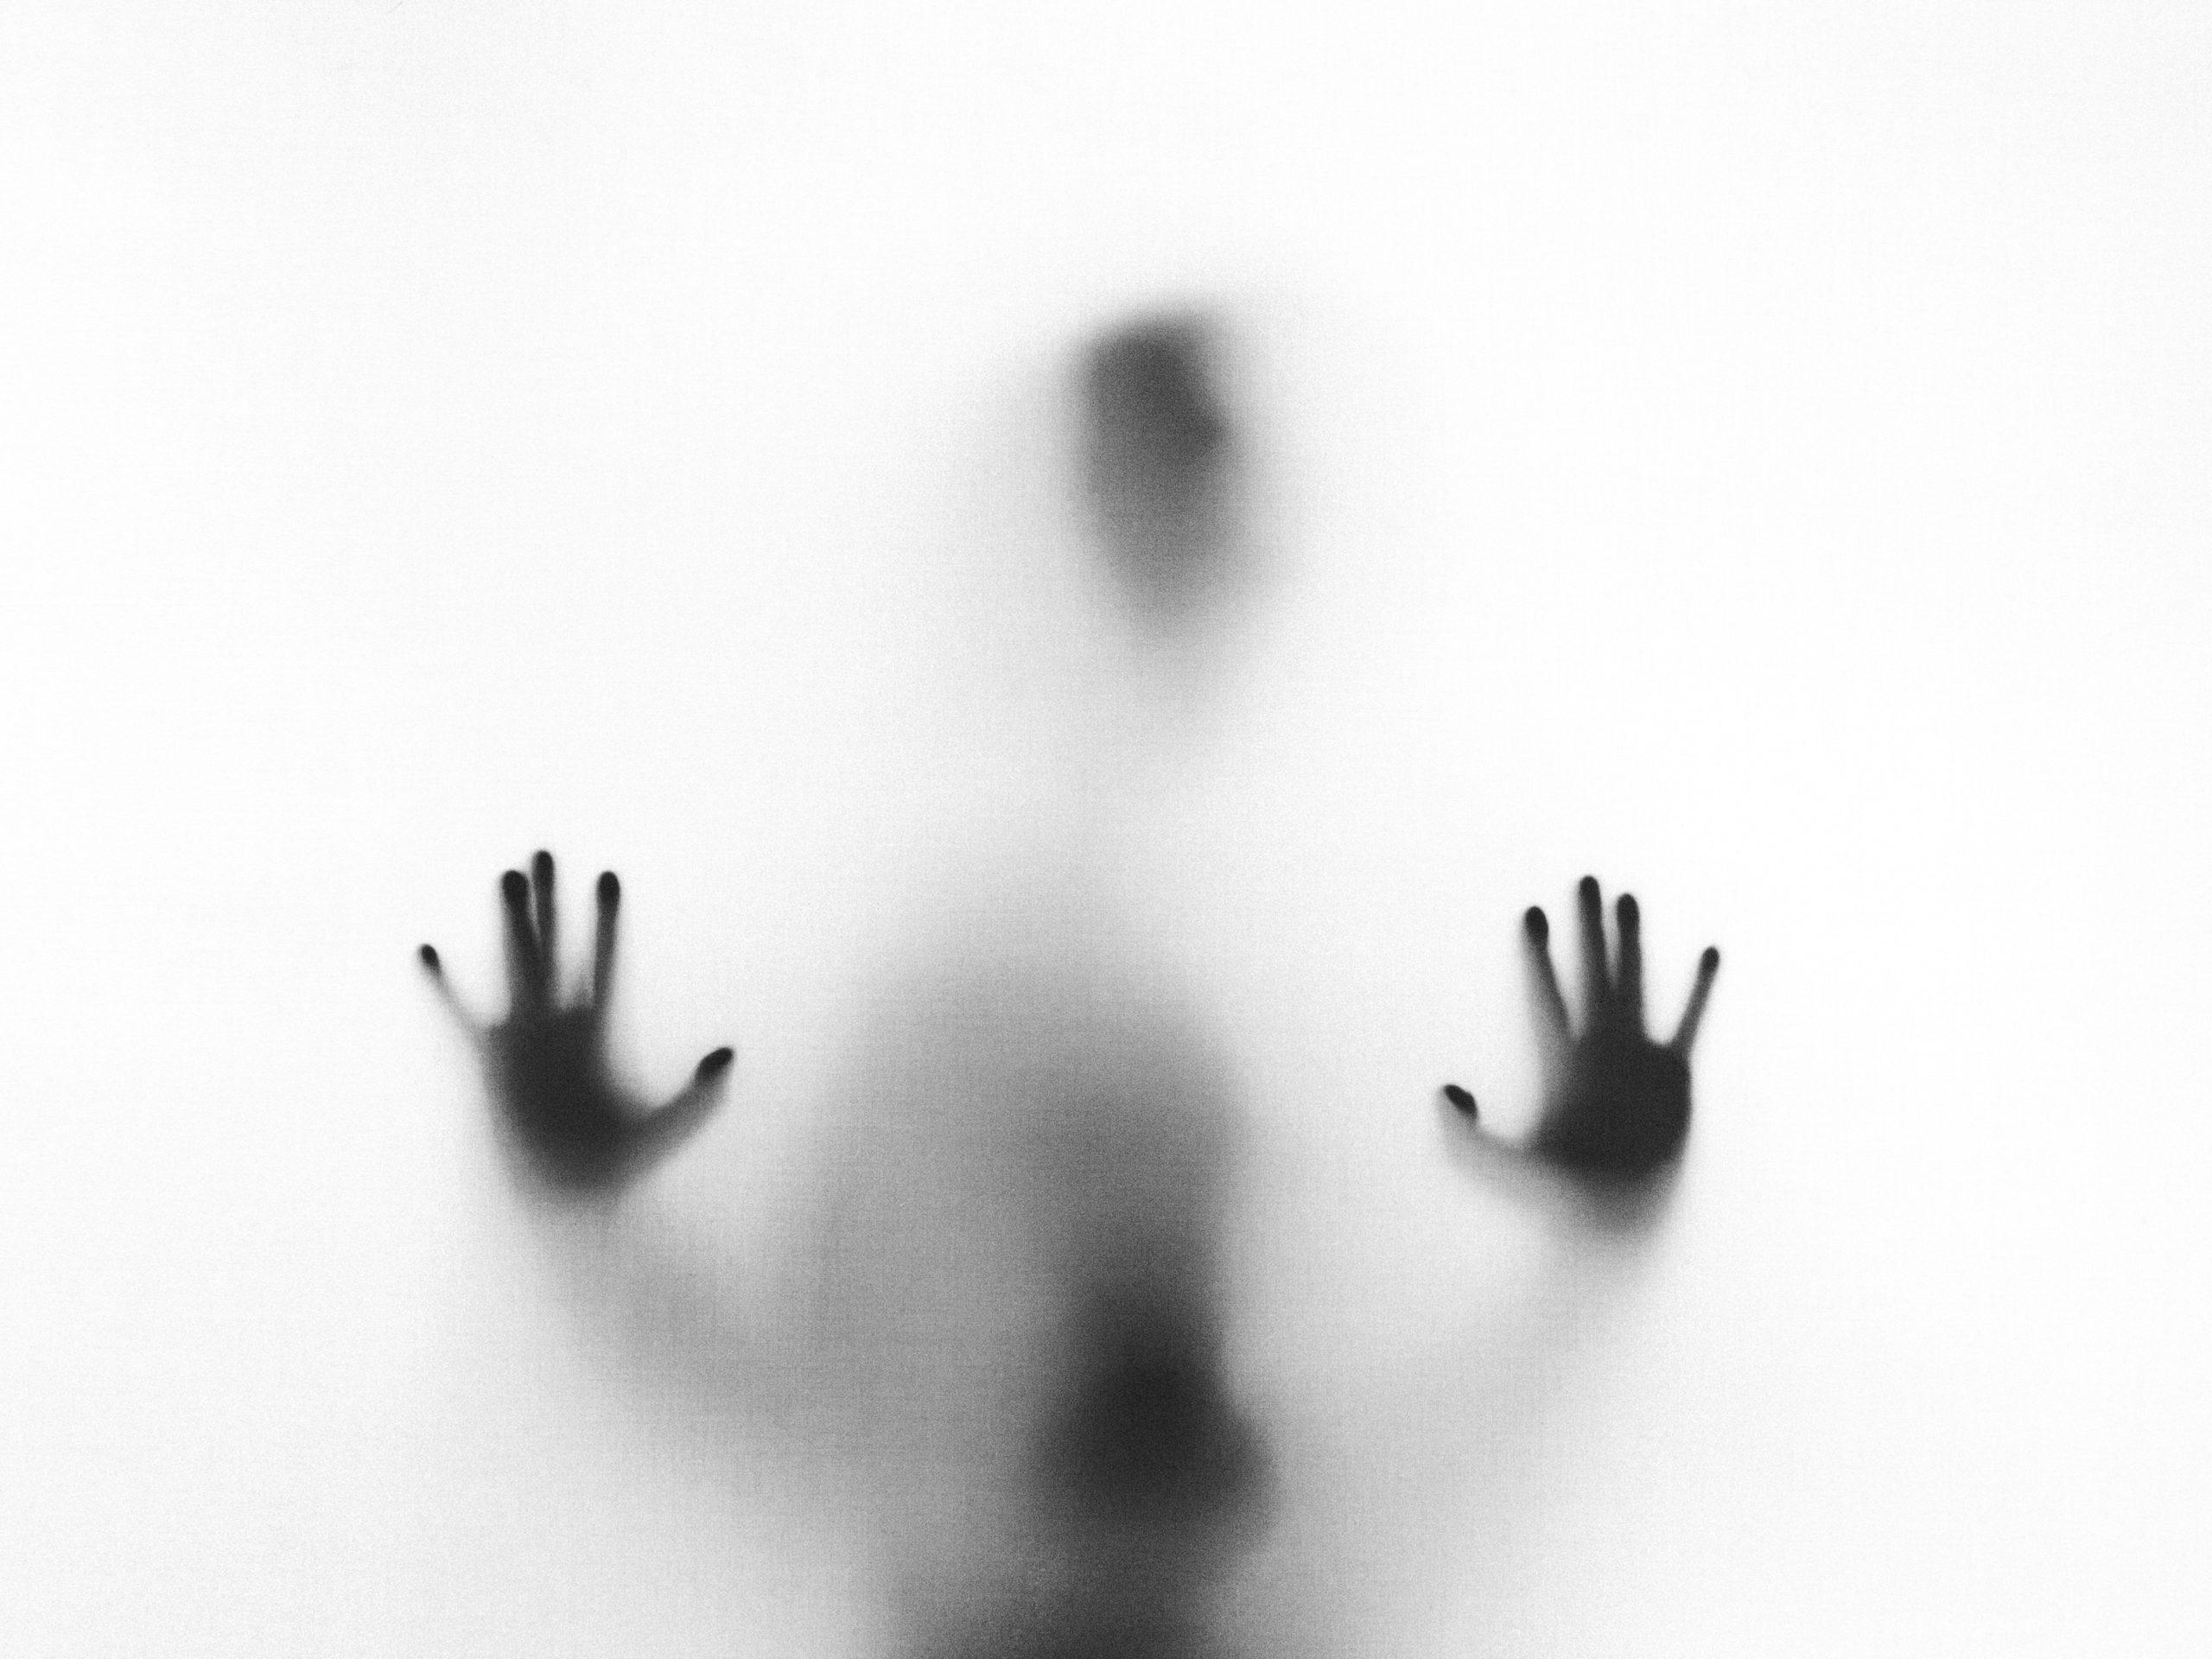 Θύτης vs Θύμα: Πόσο διαφέρουν τελικά;